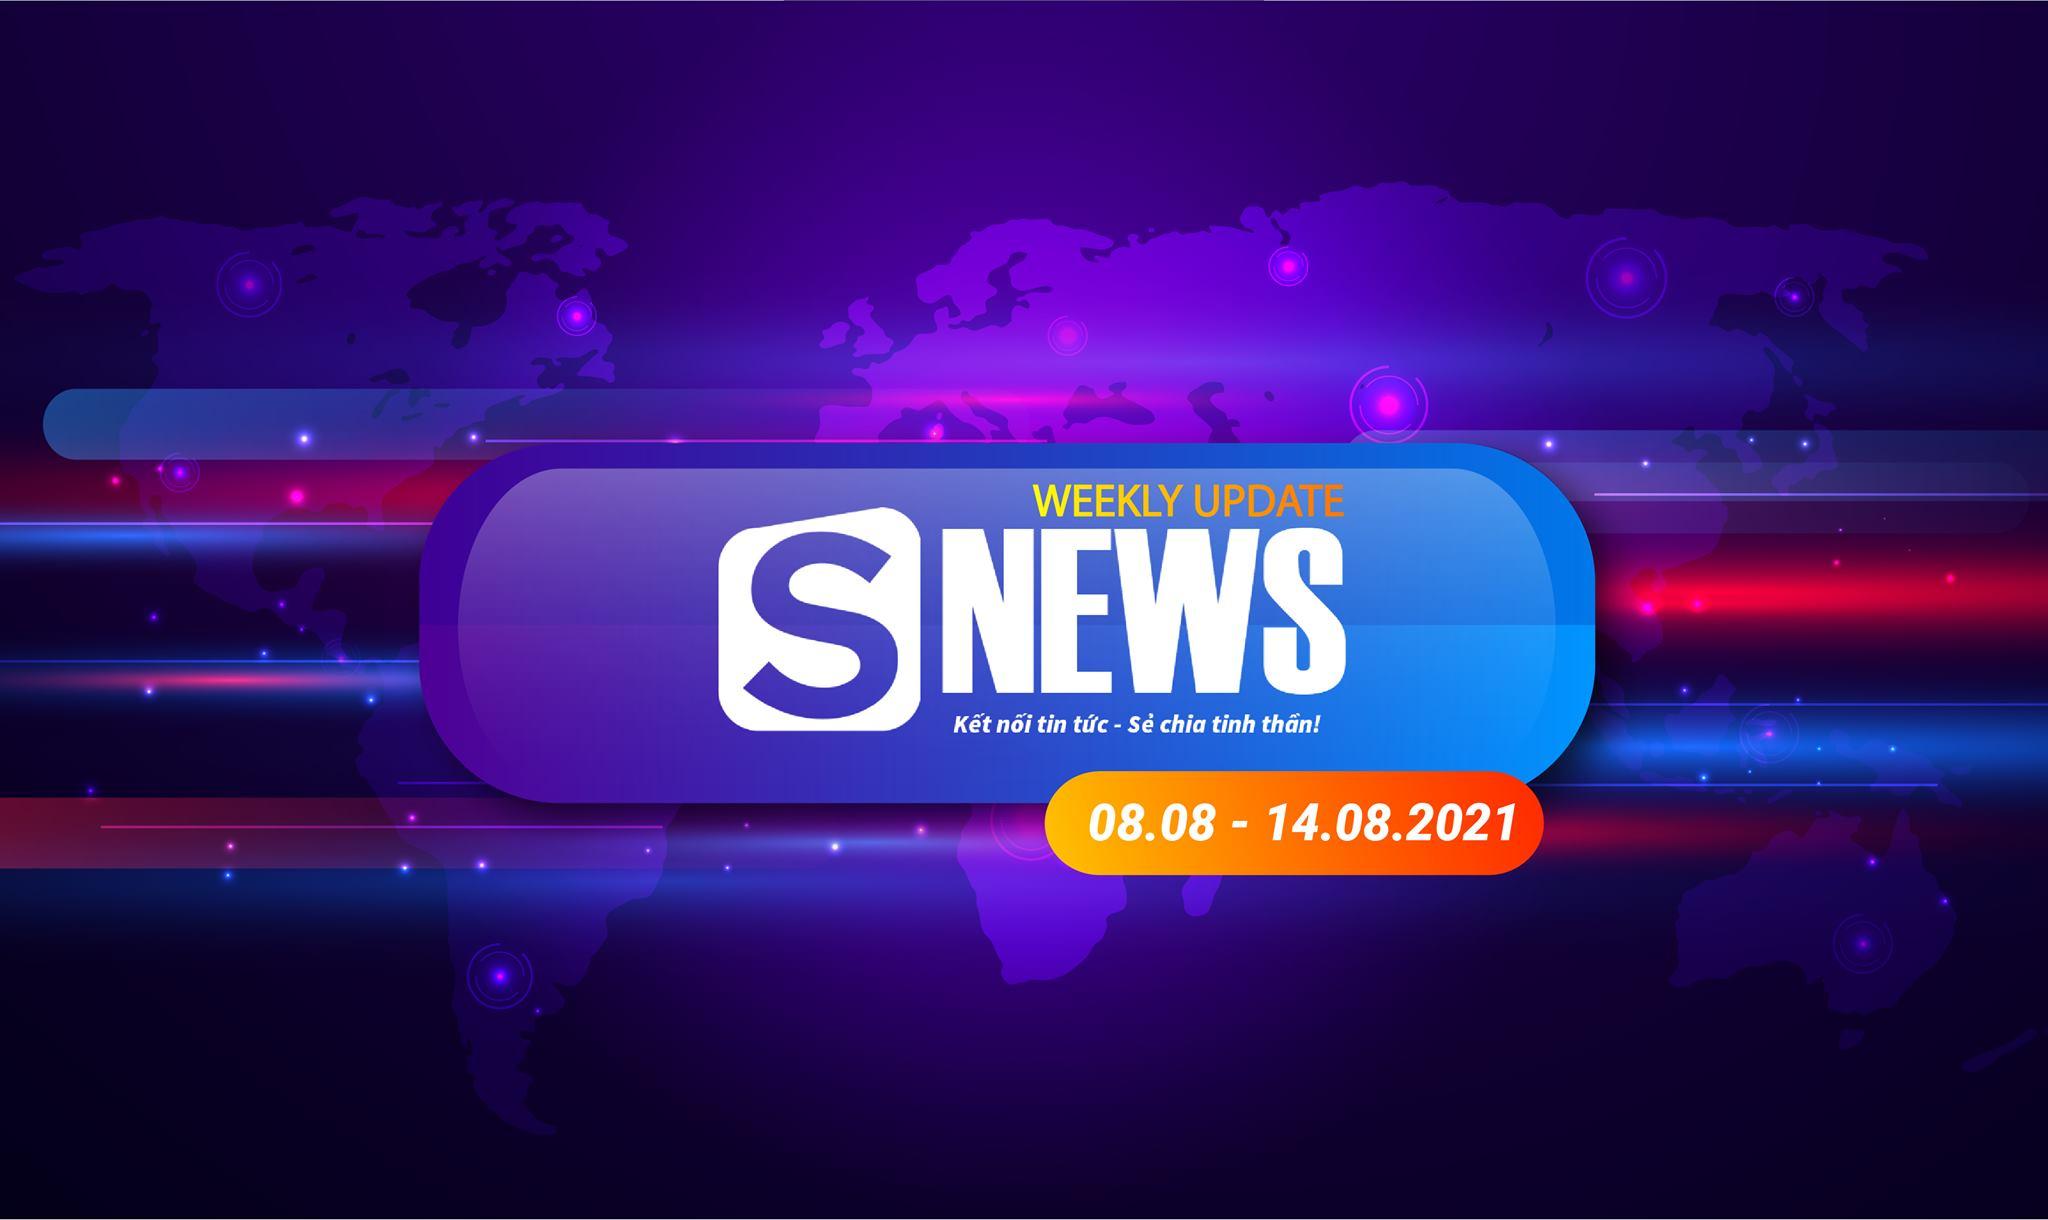 Tổng hợp tin tức Sapo tuần qua: ngày 08.08 - 14.08.2021